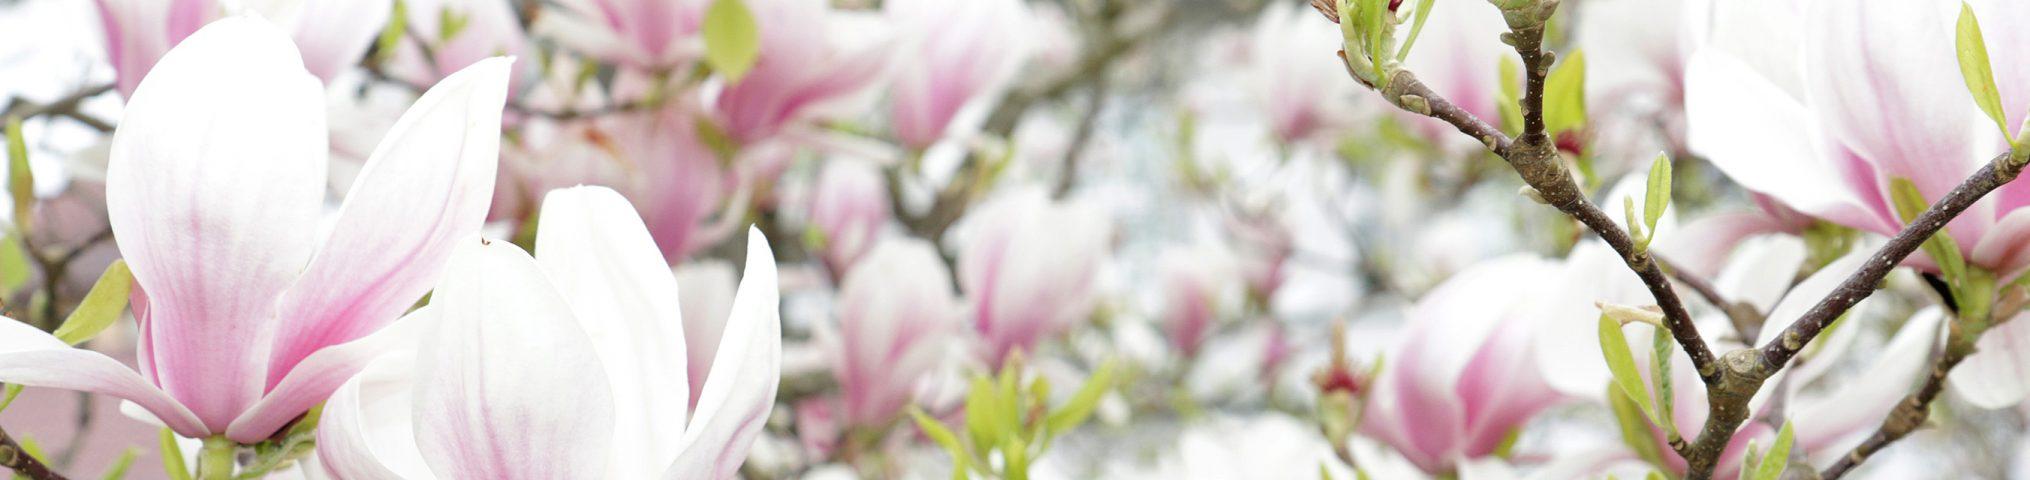 Blühende Magnolie im Botanischen Garten der TU Braunschweig. Bildnachweis: Kristina Rottig/TU Braunschweig